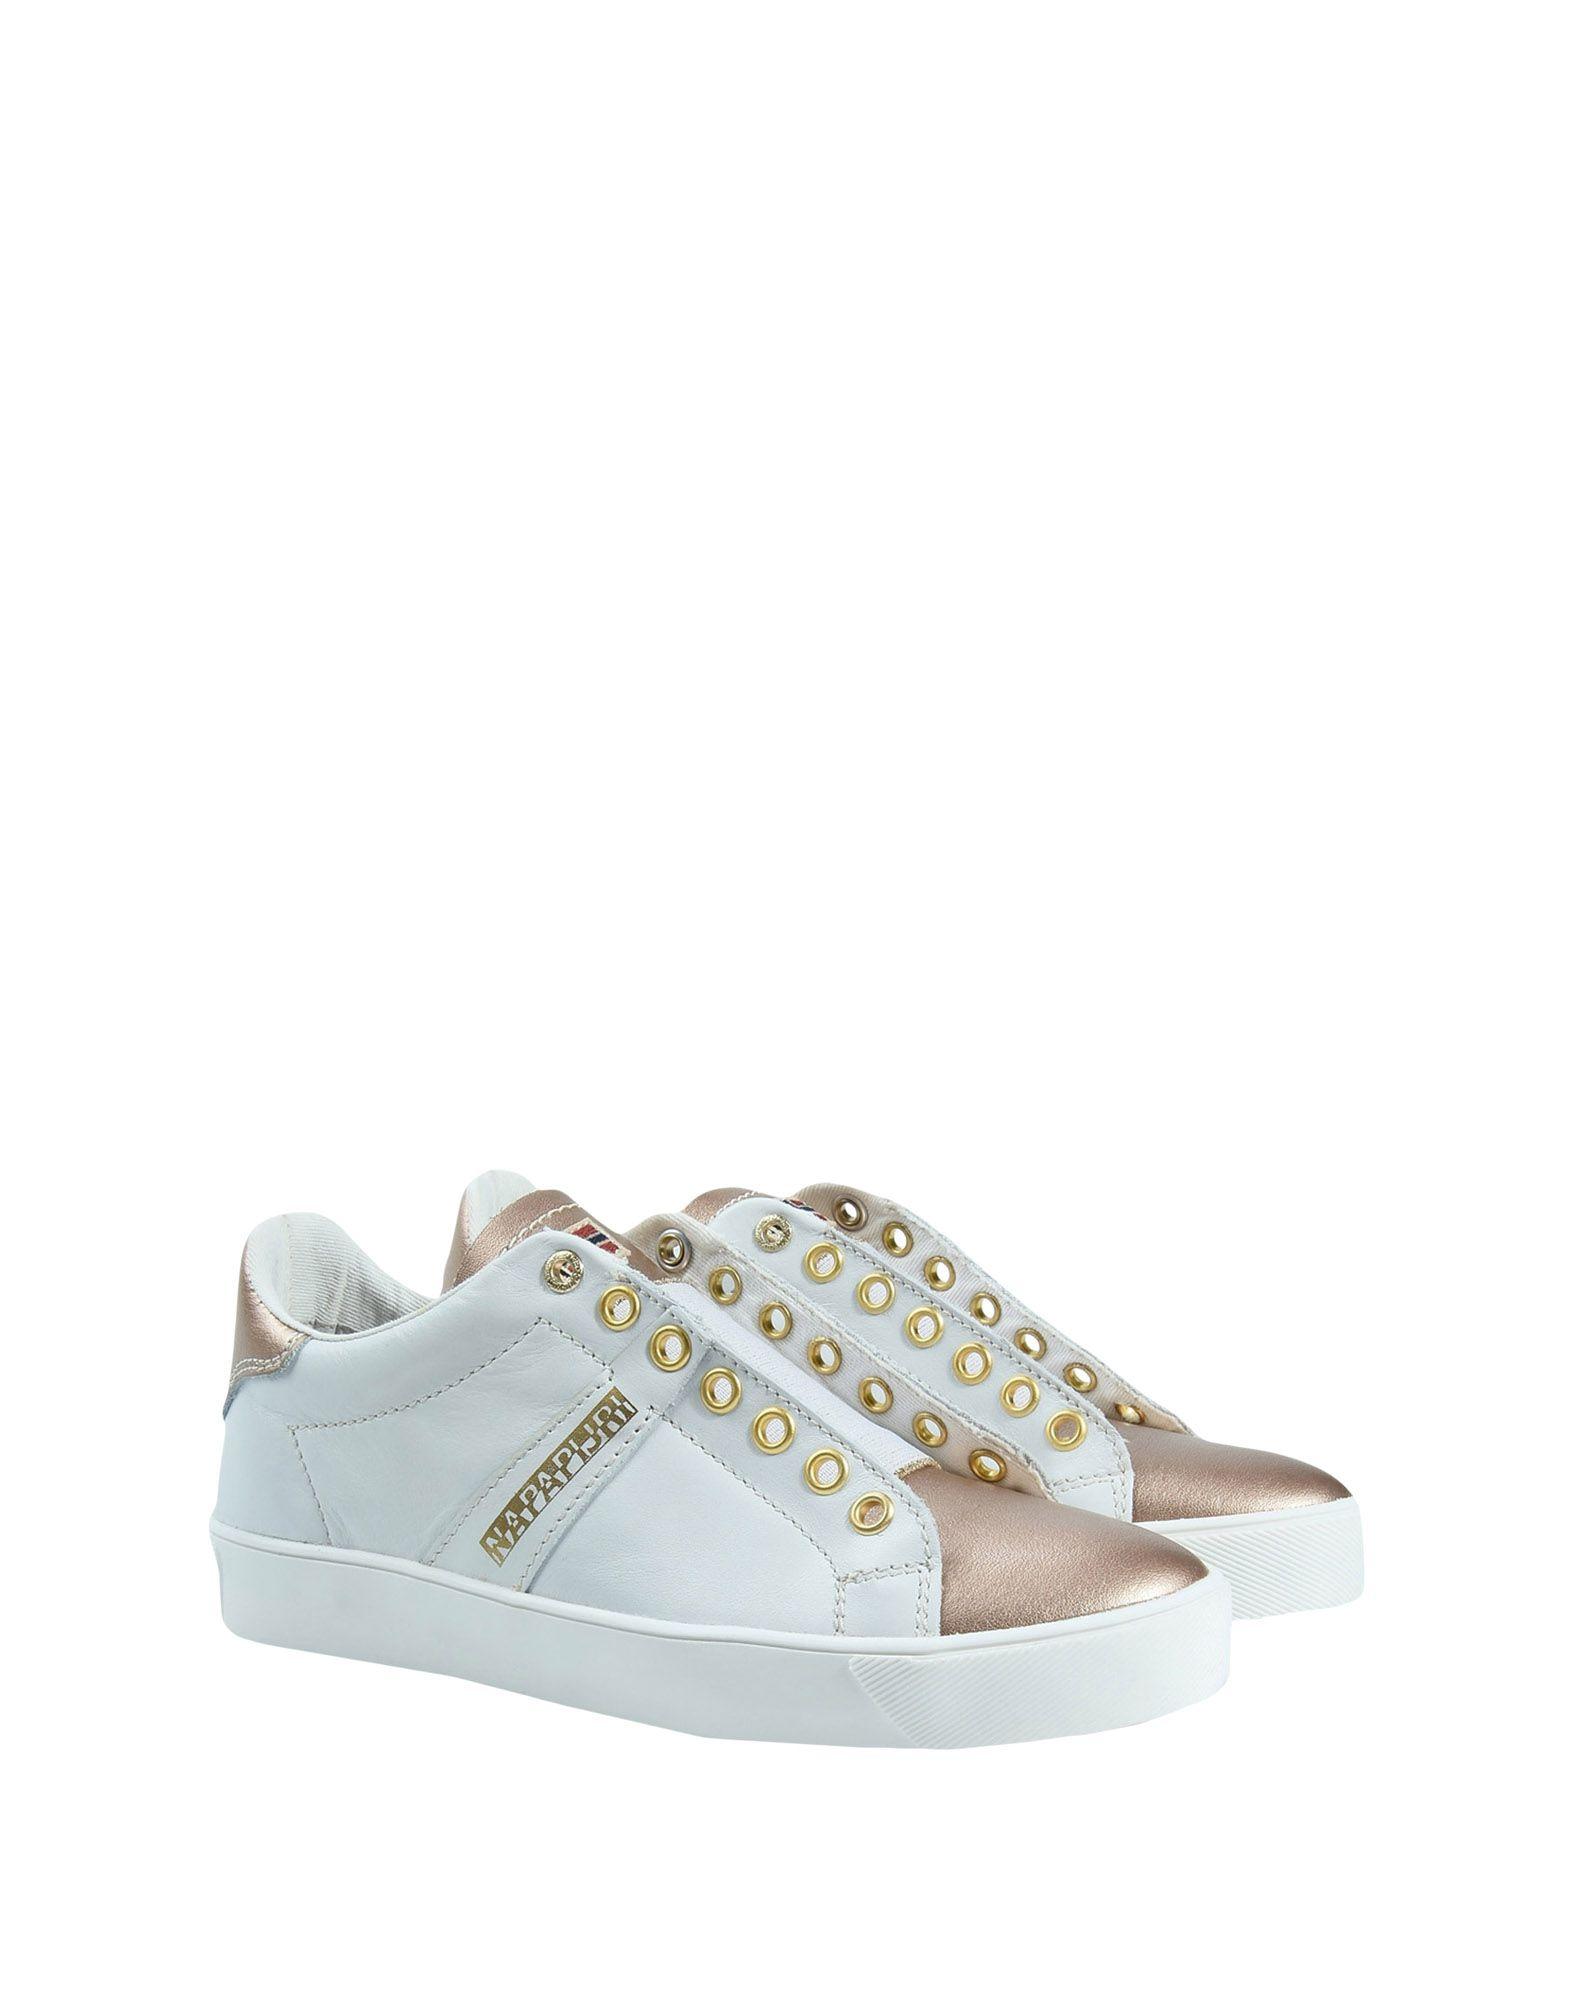 Moda Sneakers Napapijri Napapijri Sneakers Donna - 11394826QQ 0d4527